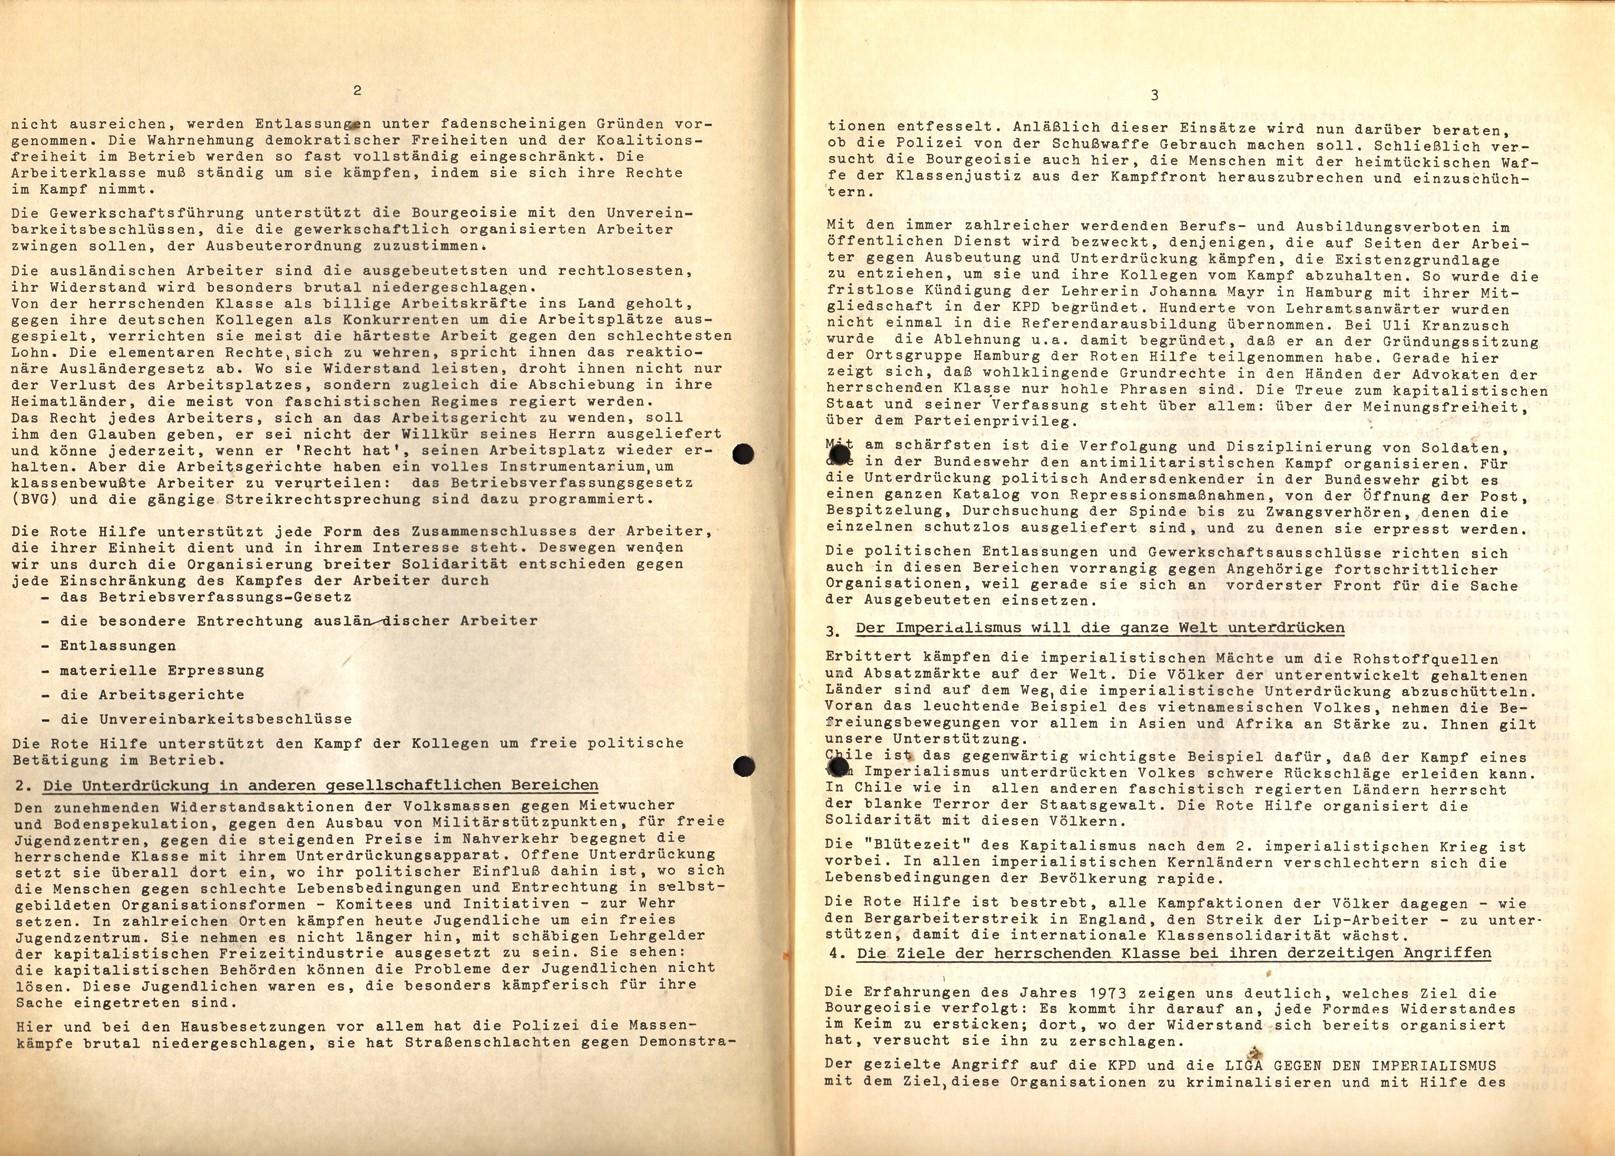 Dortmund_RHev_1974_Rechenschaftsbericht_03